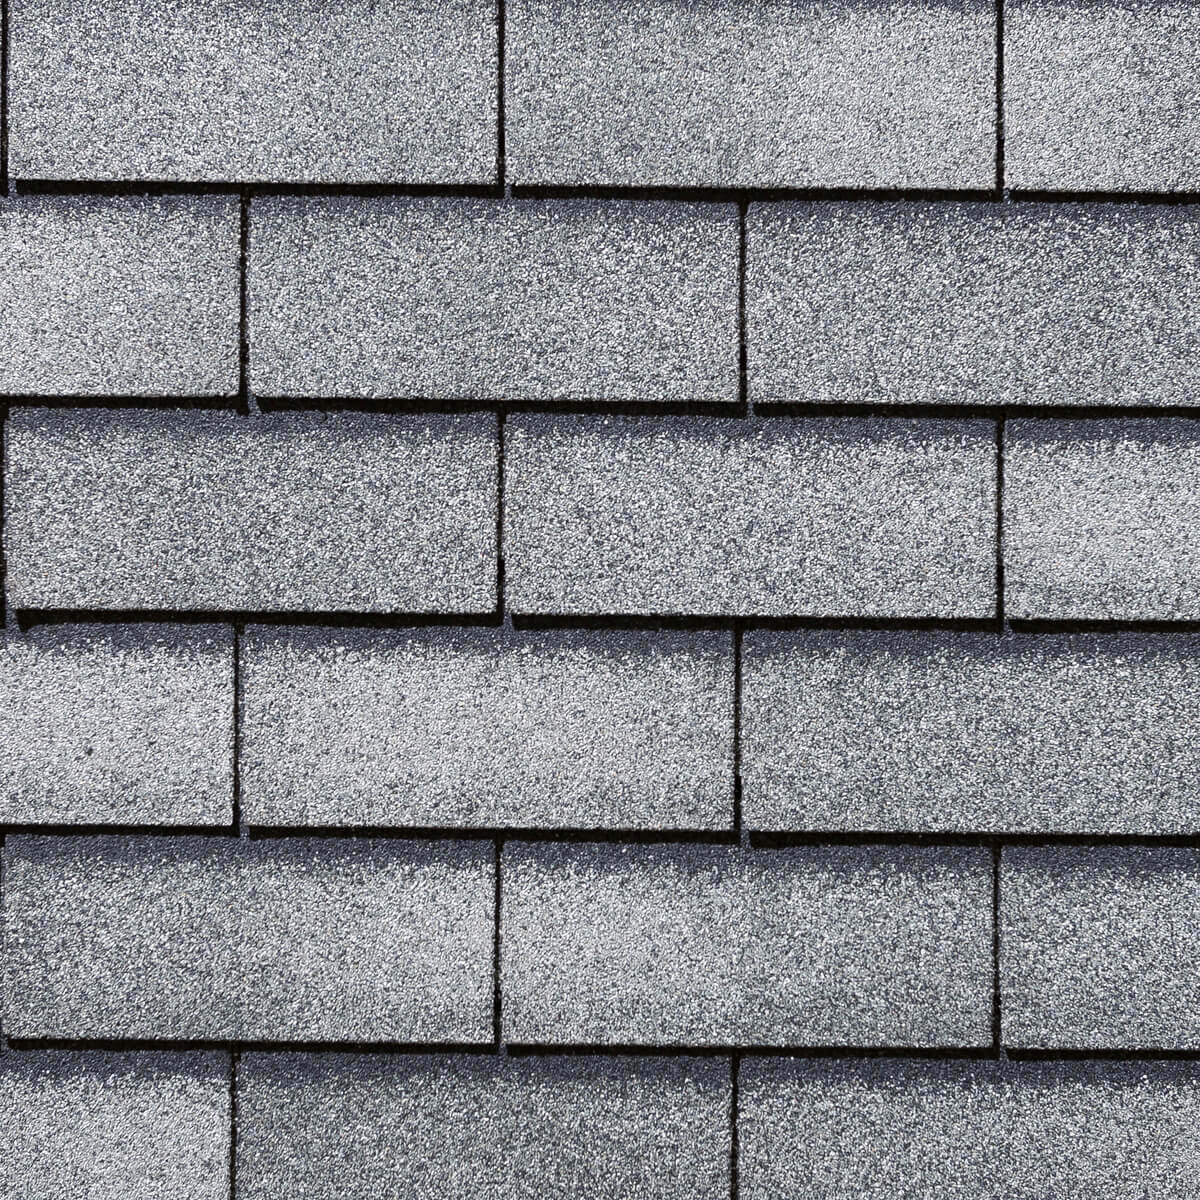 Yukon 3-tab Roofing Shingles - Silver Grey